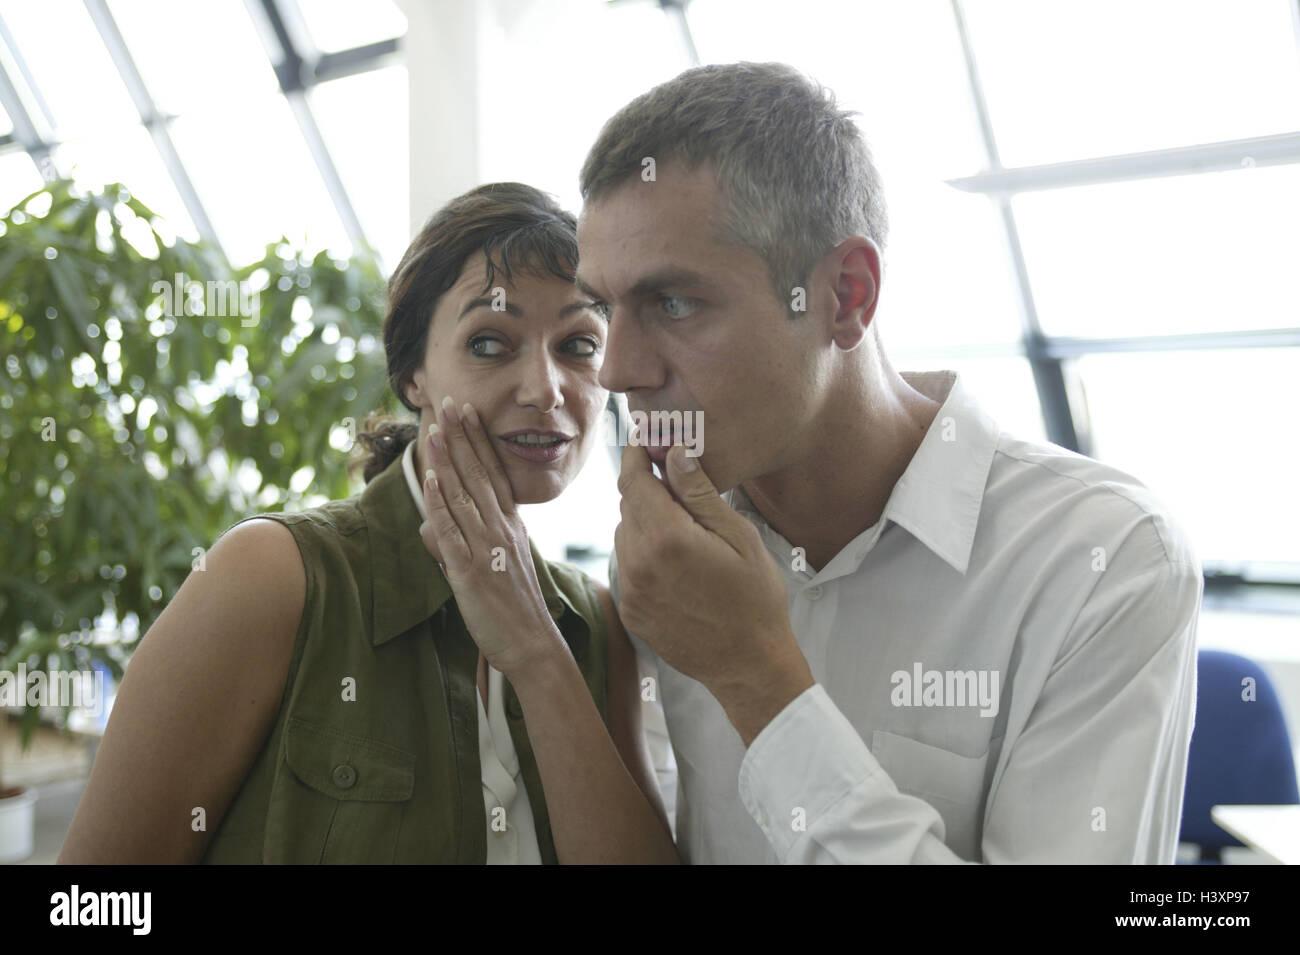 Ex-Kai apink bomi dating